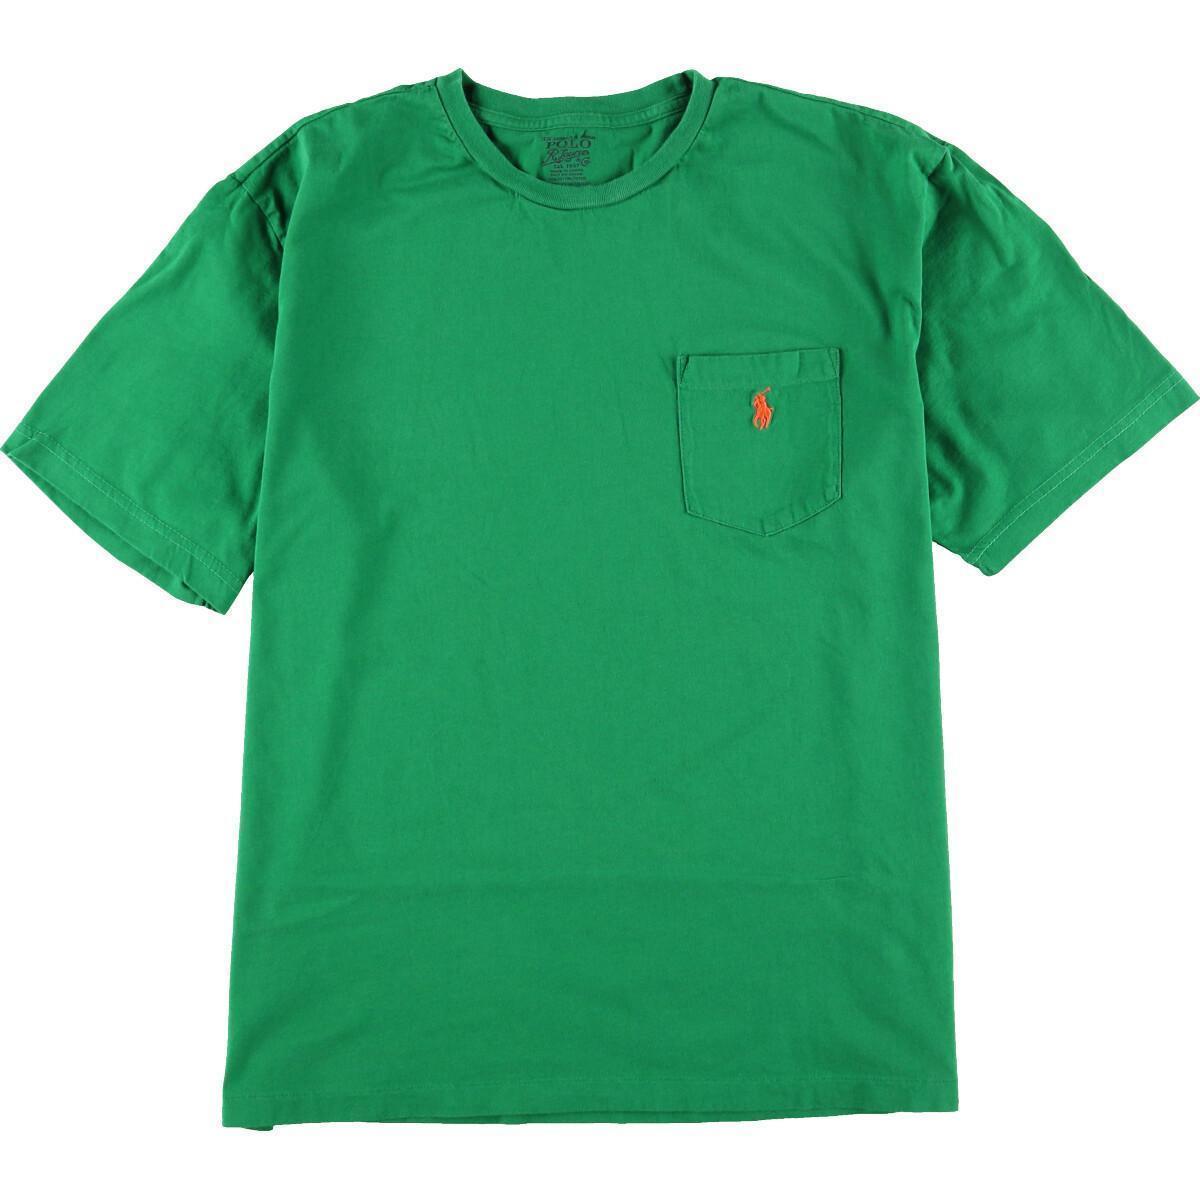 ラルフローレン Ralph Lauren POLO by Ralph Lauren ワンポイントロゴポケットTシャツ メンズXL /eaa155206_画像1